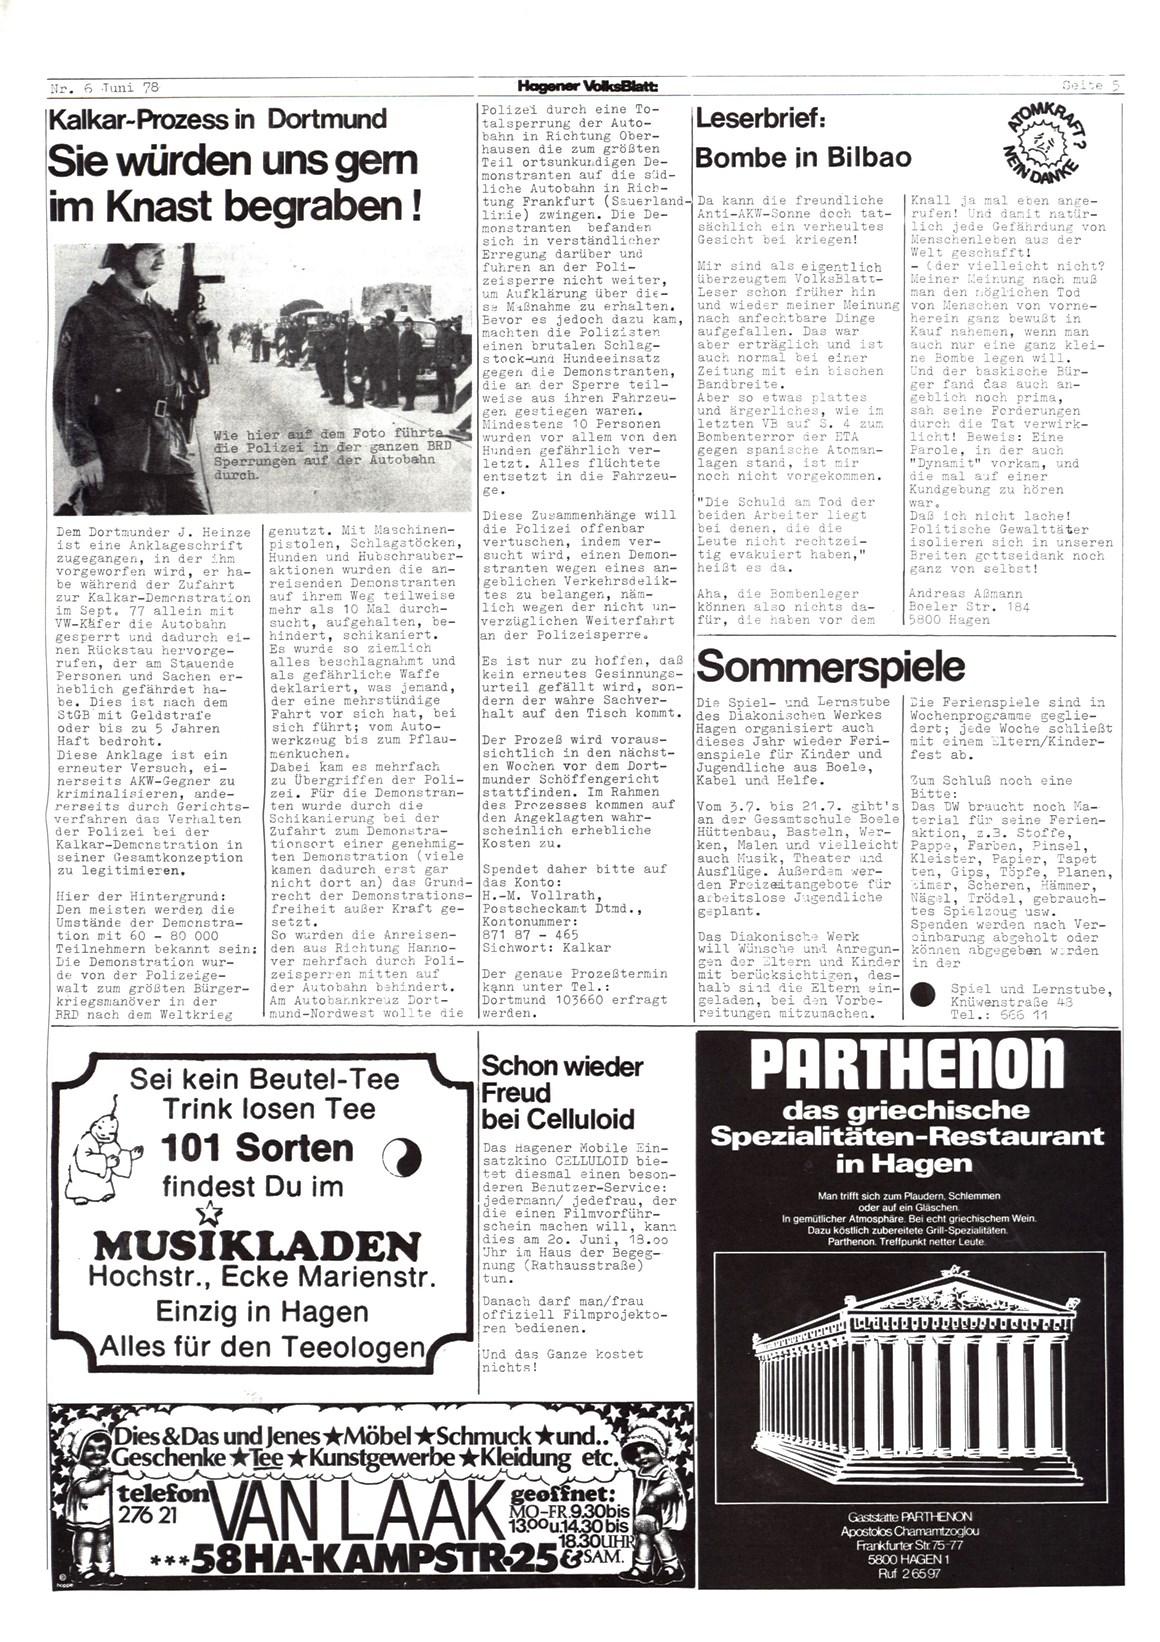 Hagen_Volksblatt_19780600_05